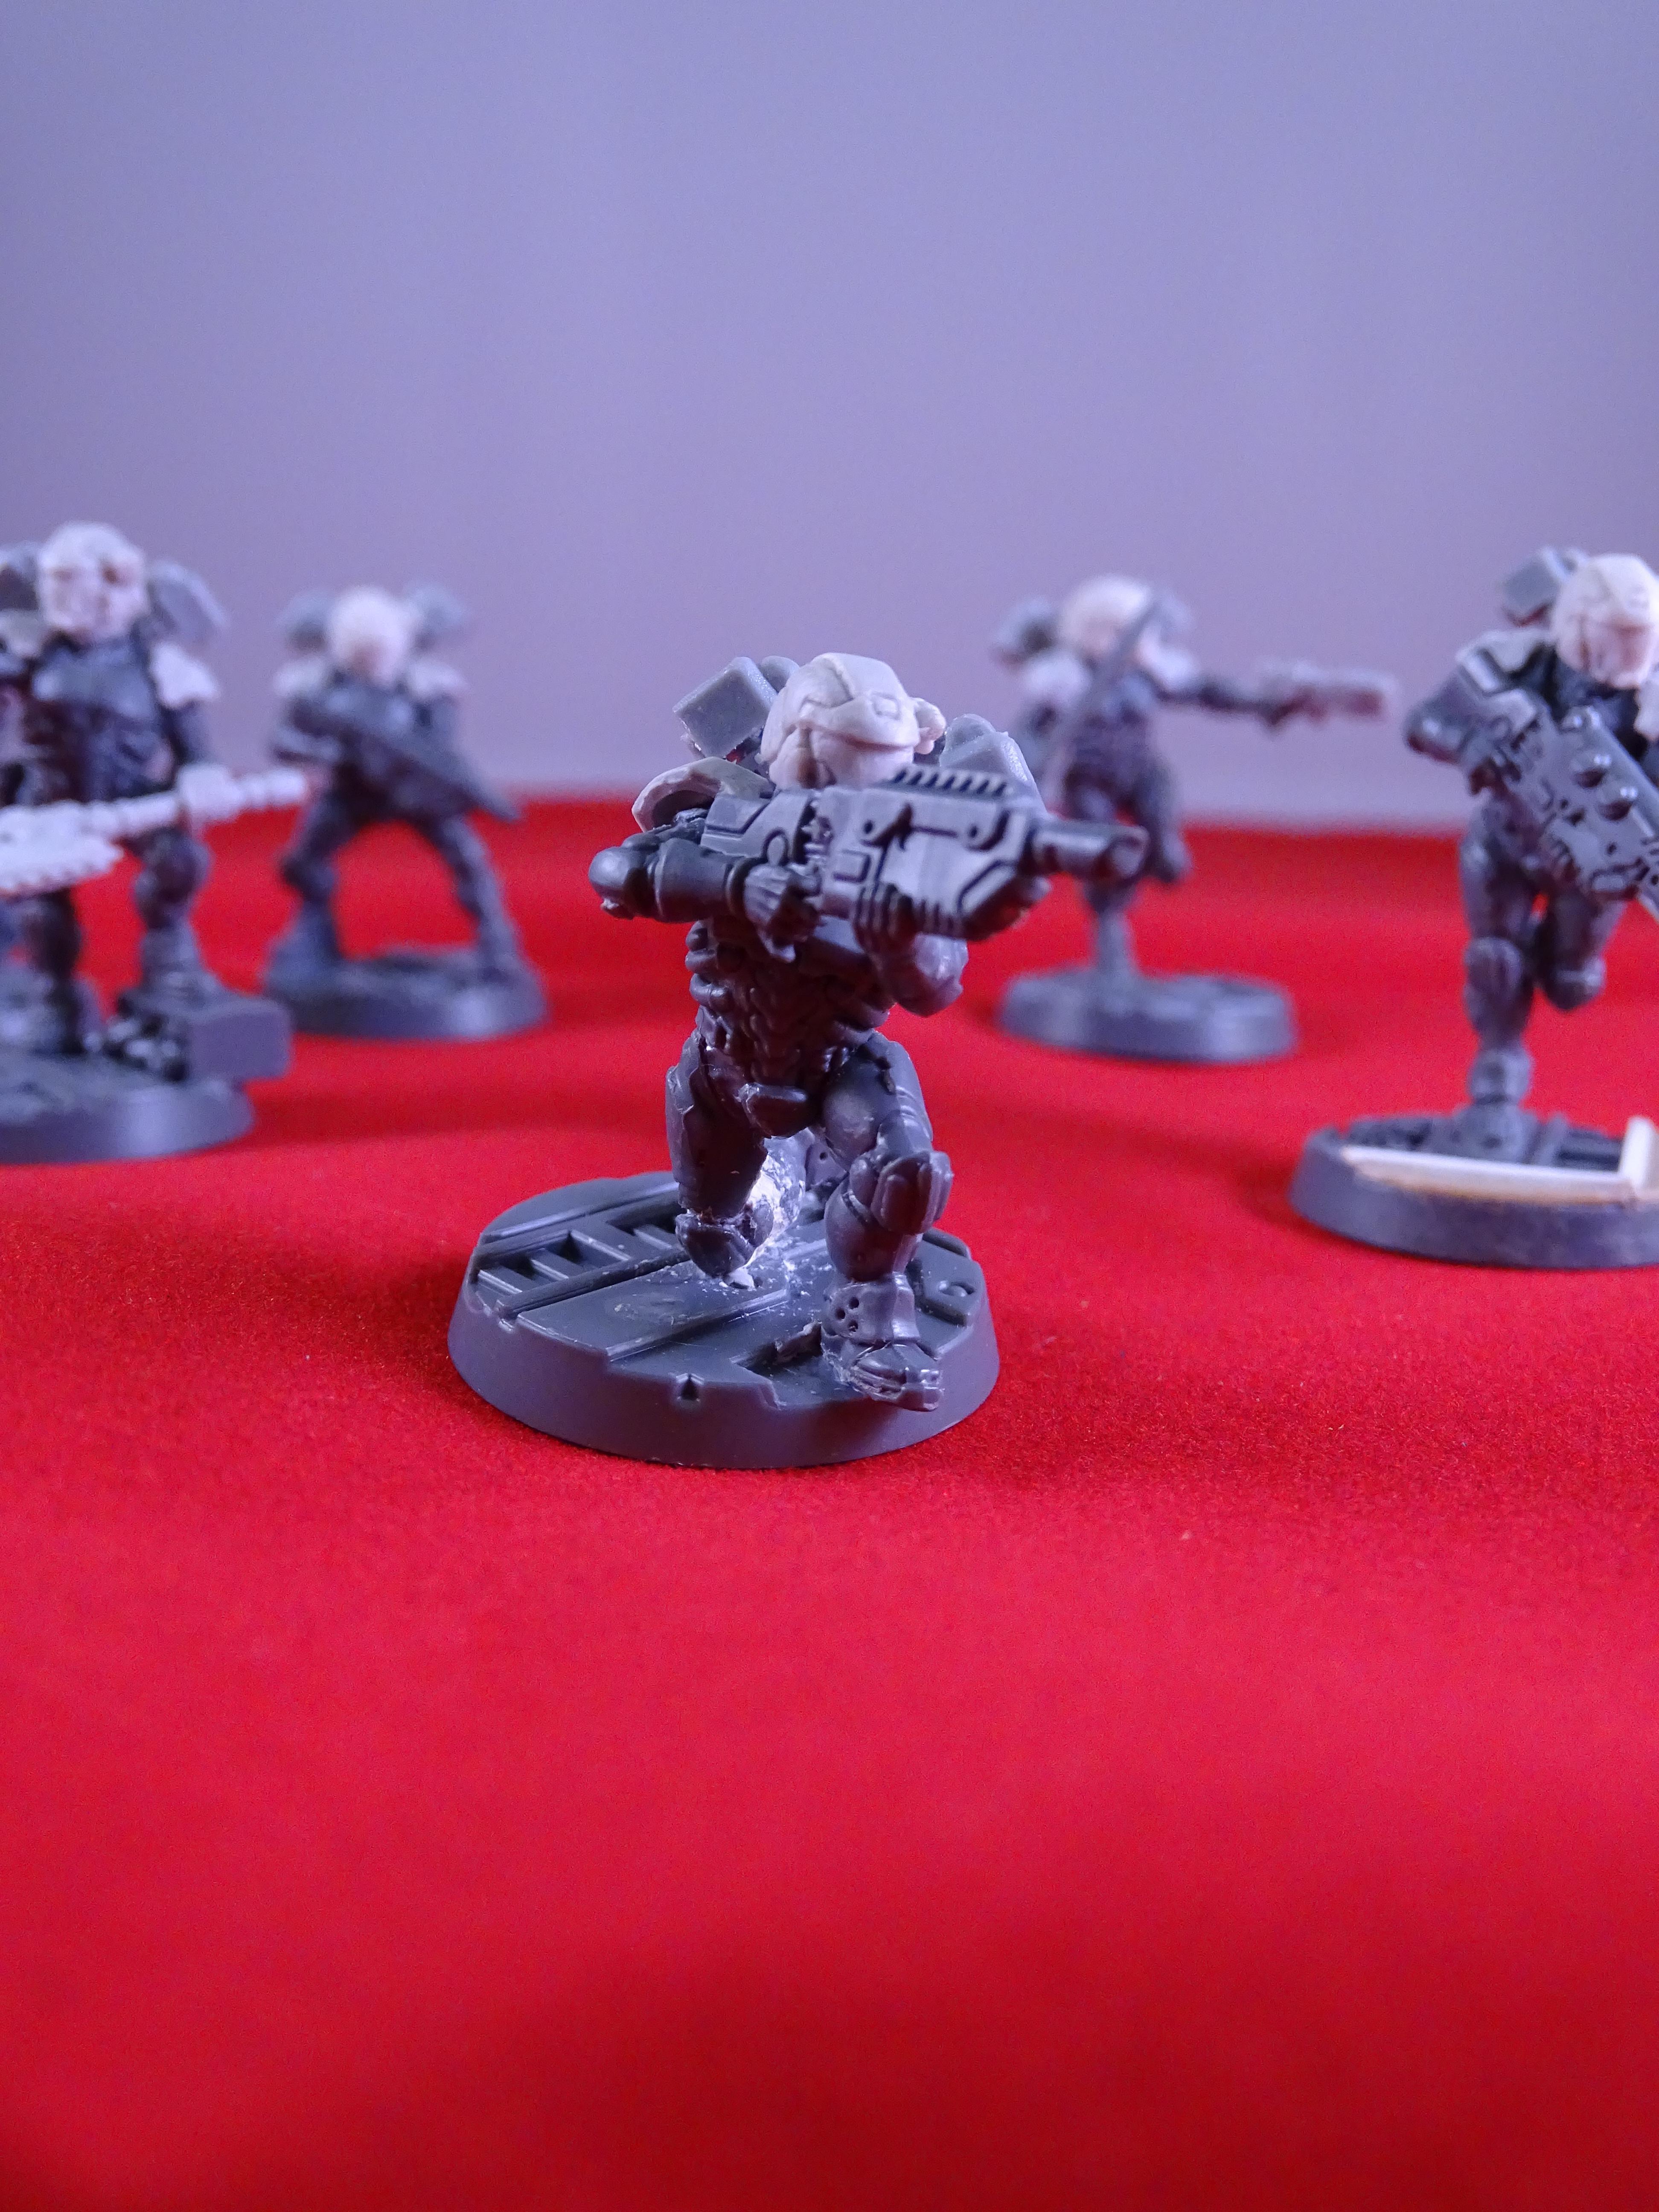 Converted Van Saar, Drop Troop, Drop Troops, Guard, Imperial Guard, Necromunda Astra Militarum Conversions, Odst, Puppetswar, Voidborne